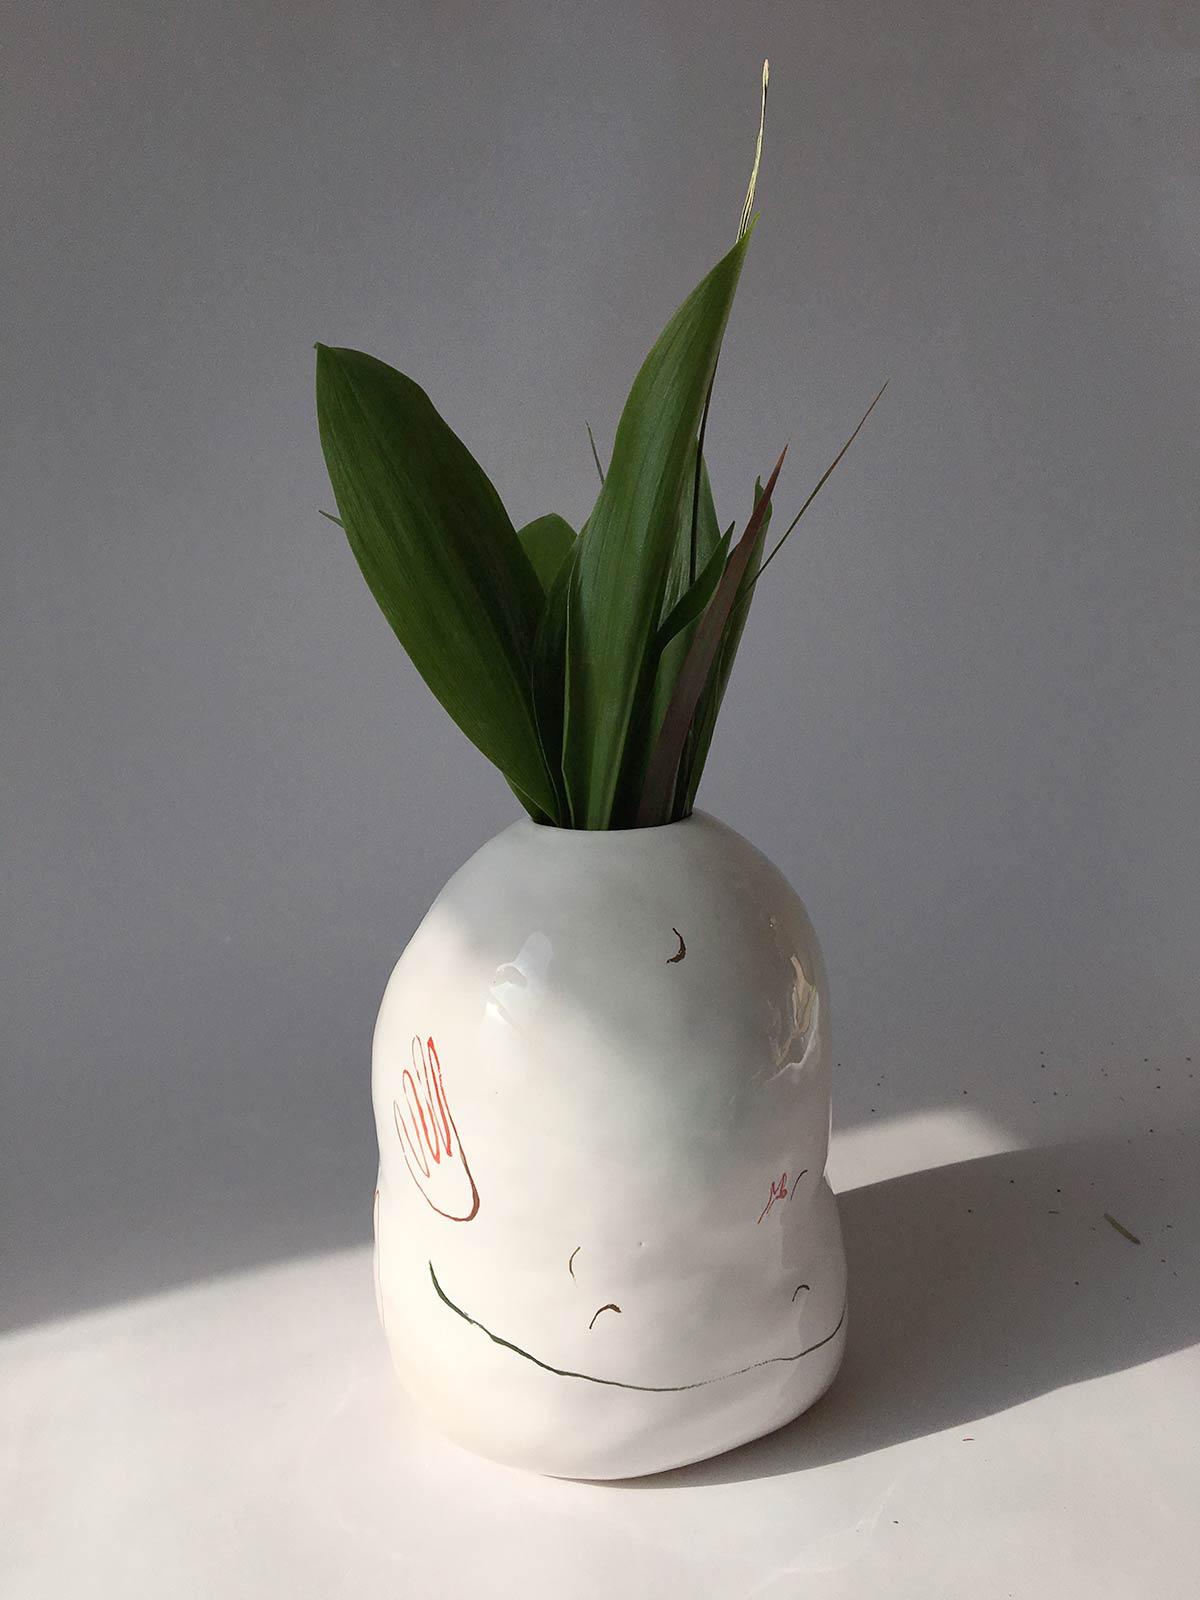 Декор - Декоративна ваза для квітів (Ручна робота)